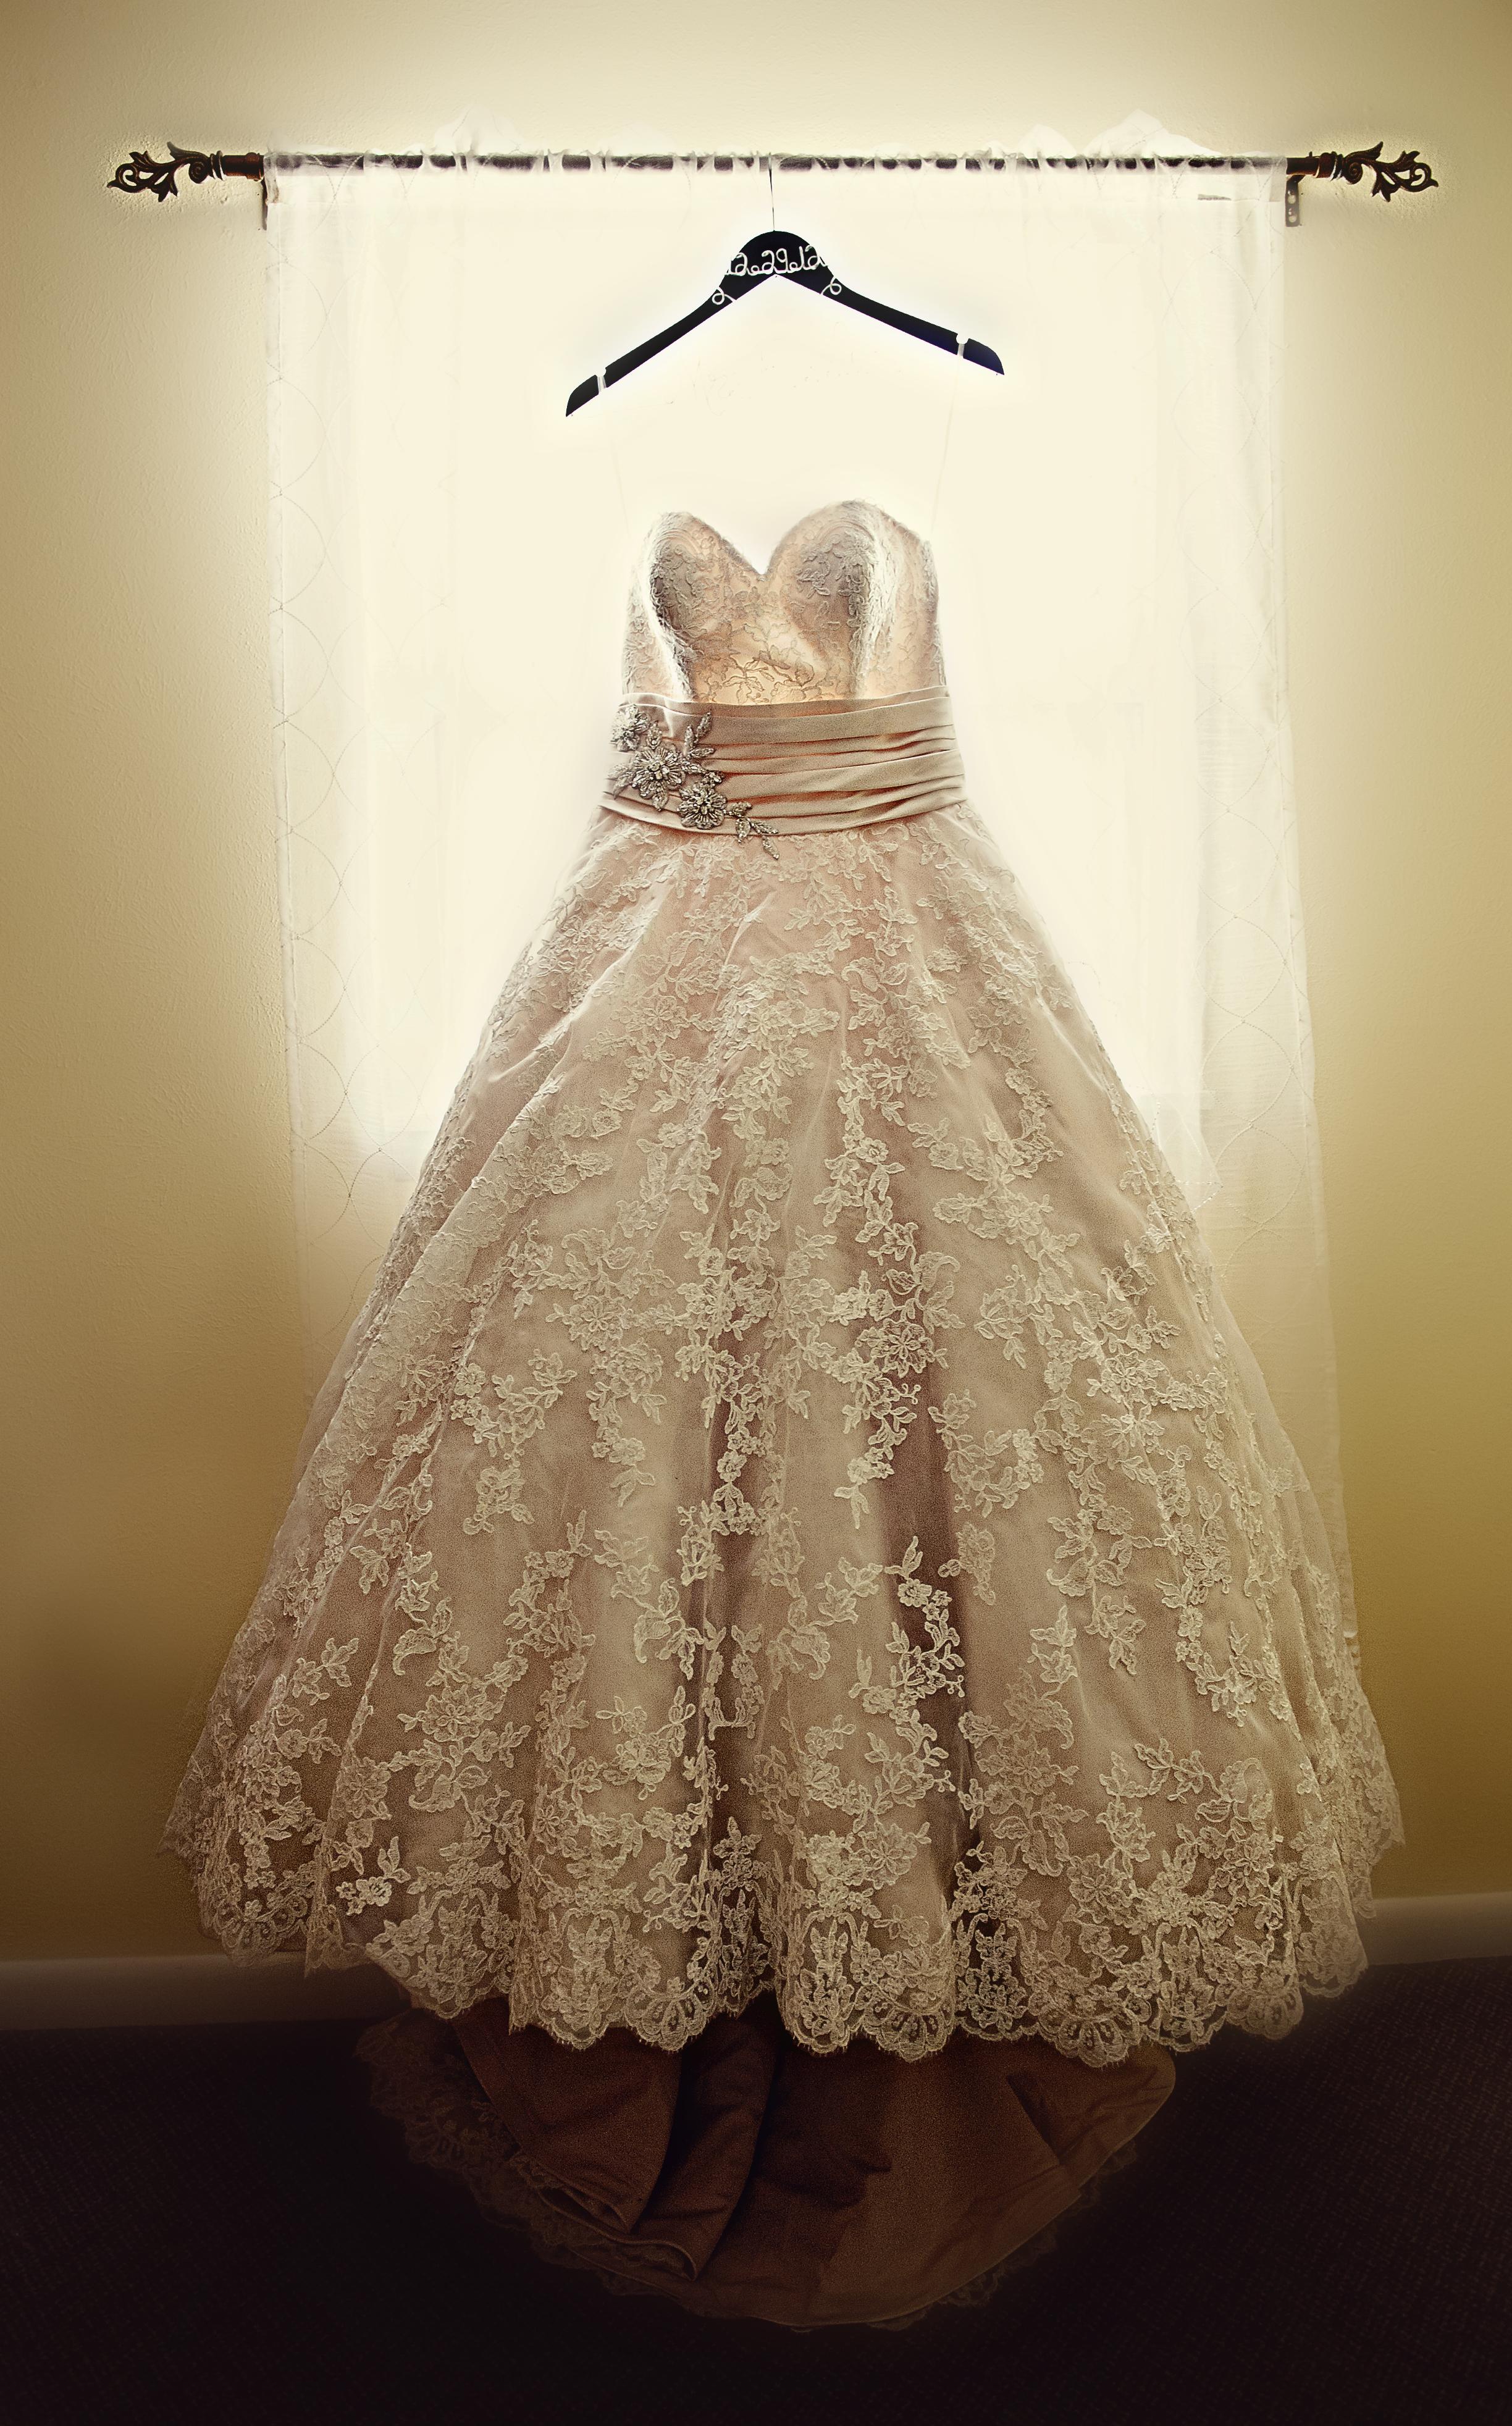 Hessler_Wedding_0169.jpg